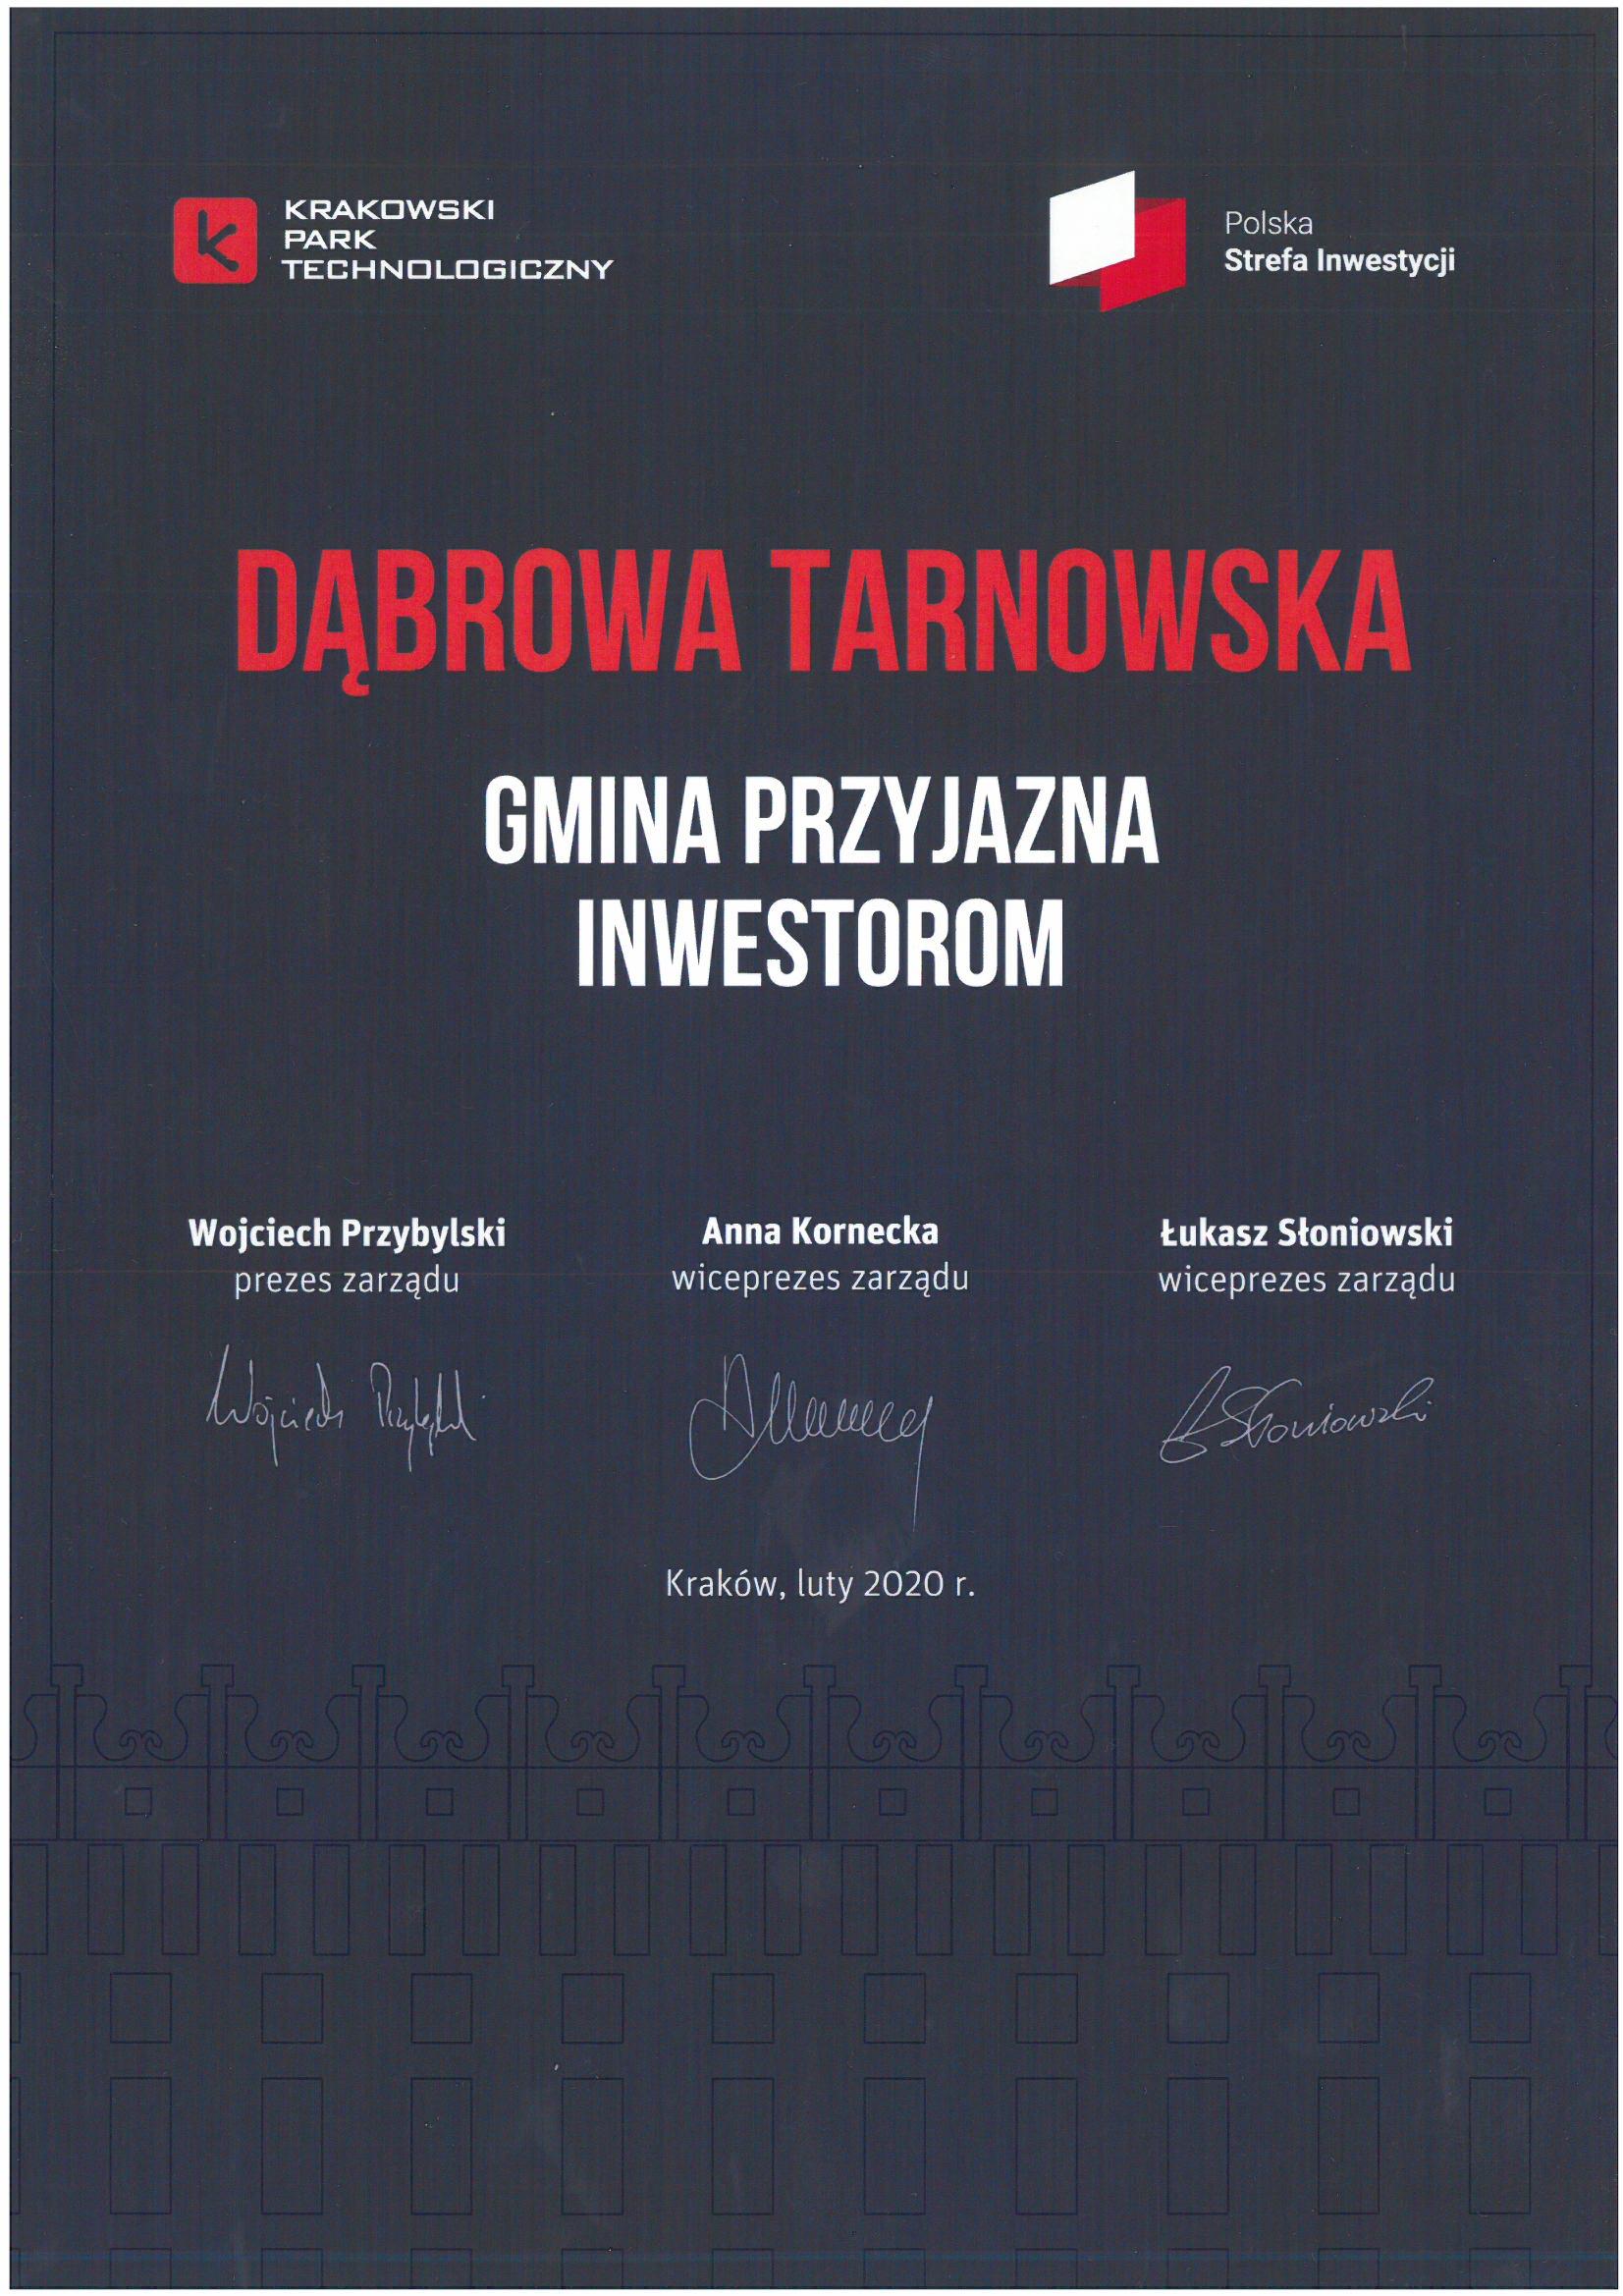 Gmina Przyjazna Inwestorom 2020 Gmina Dąbrowa Tarnowska z wyróżnieniem Krakowskiego Parku Technologicznego